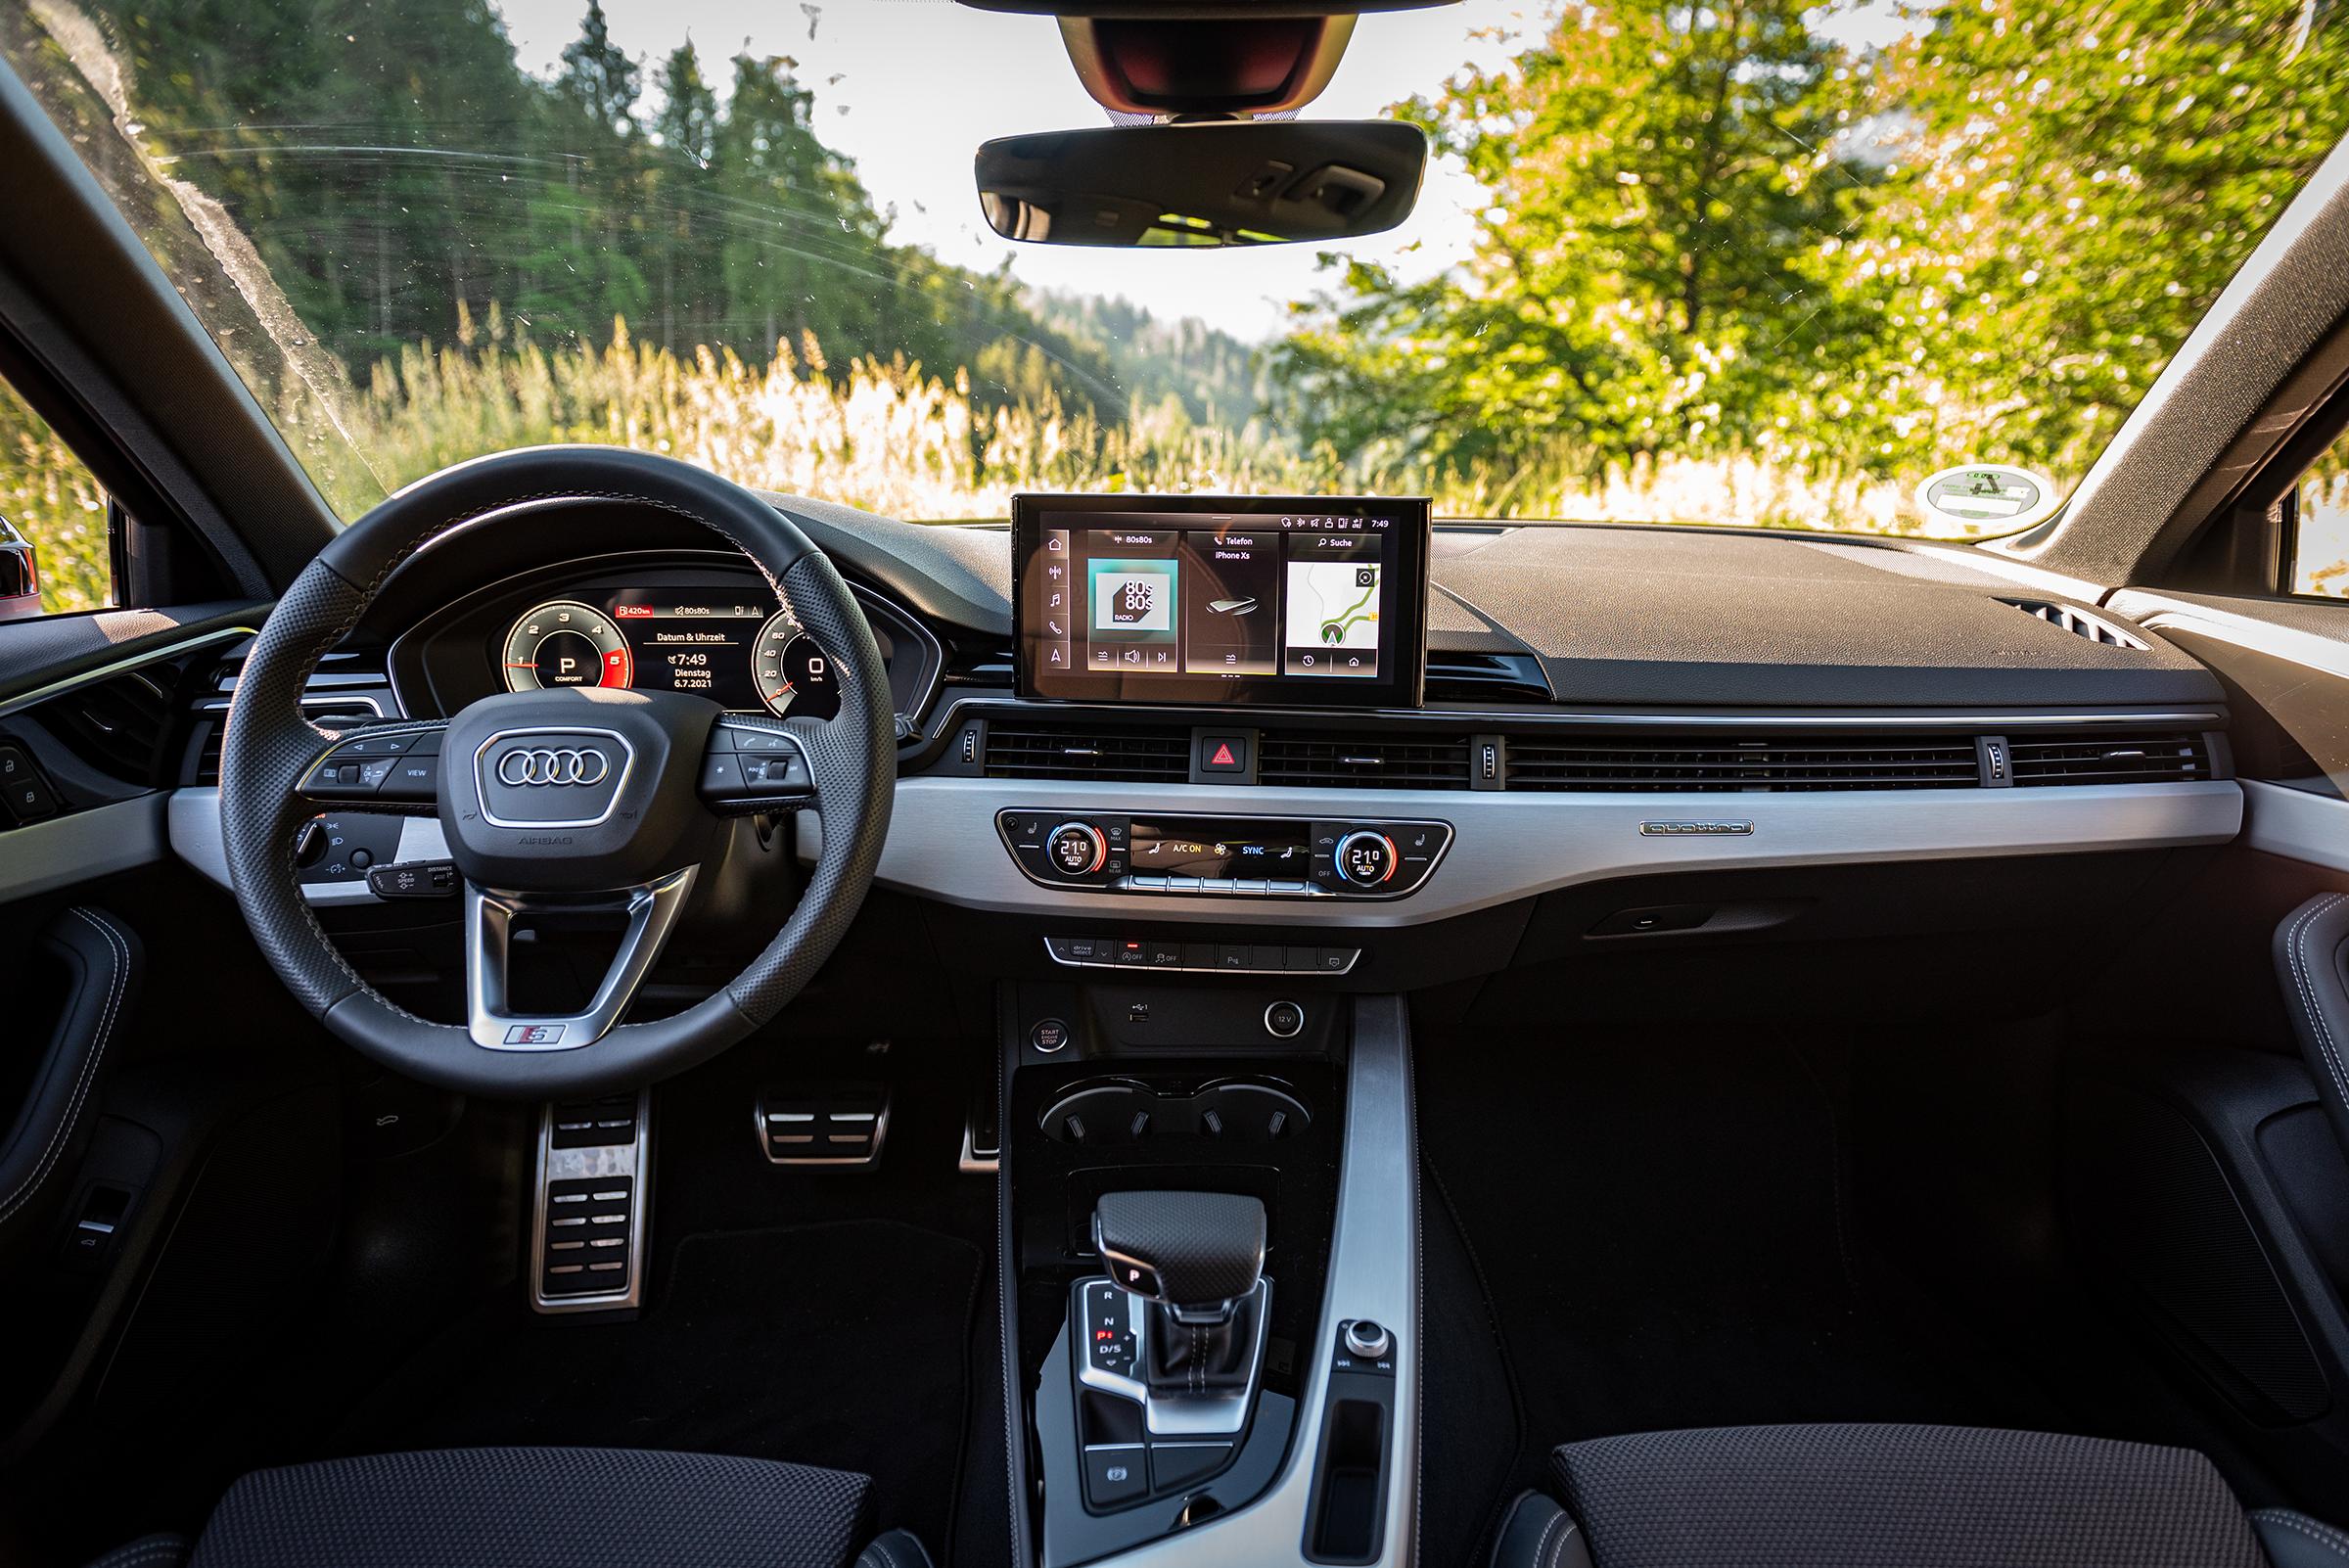 Audi A4 Avant 2021 interior